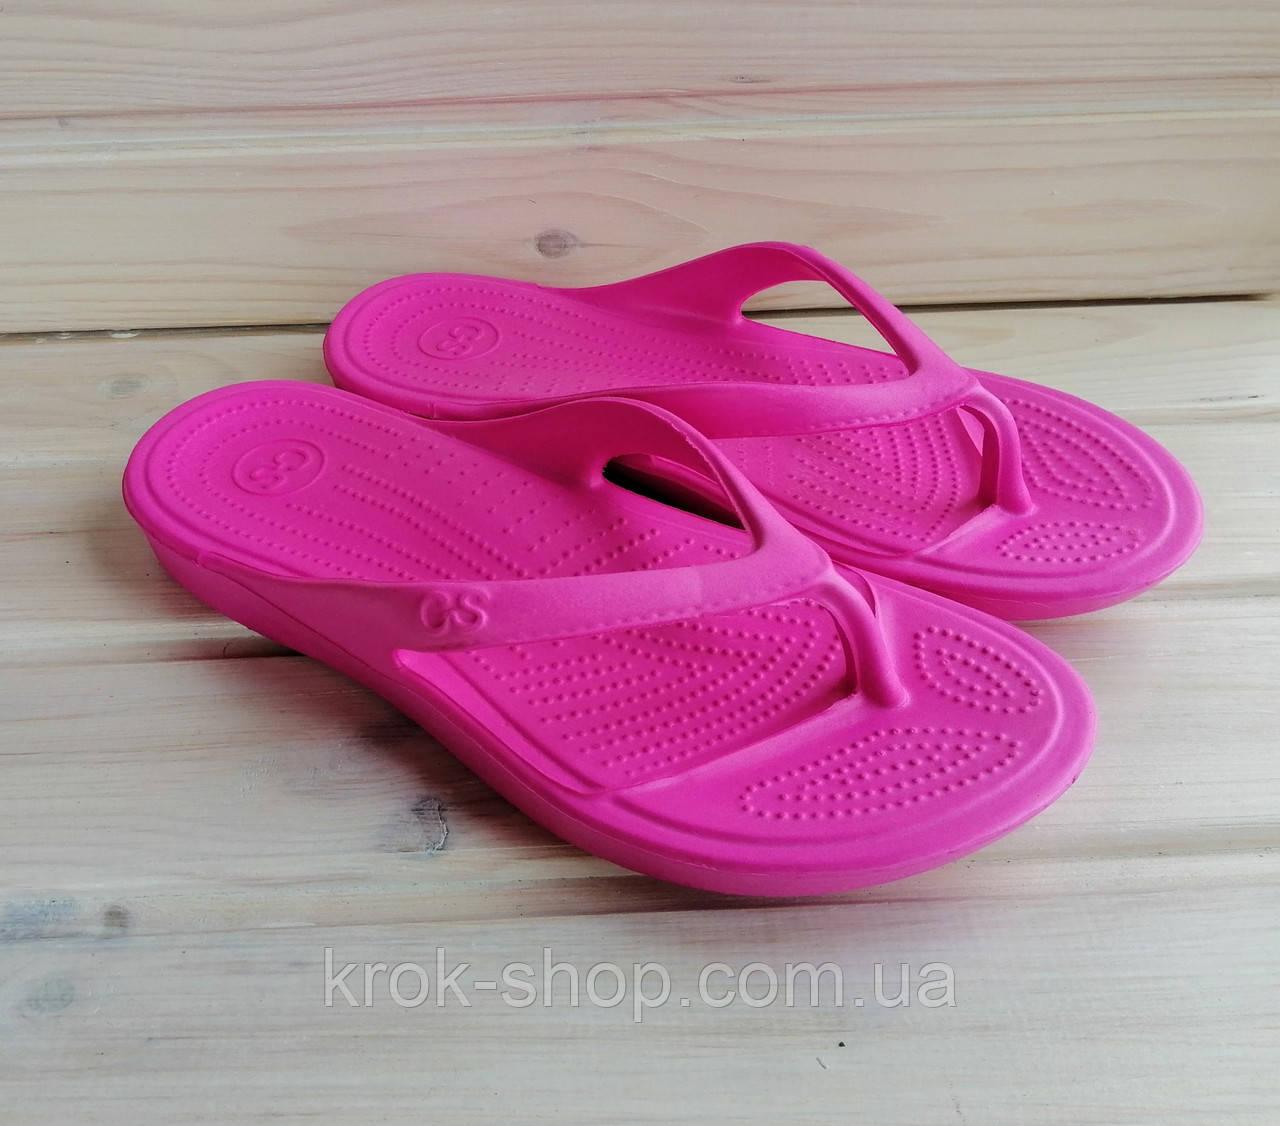 Вьетнамки женские пляжные ЭВА пенка Гипанис оптом